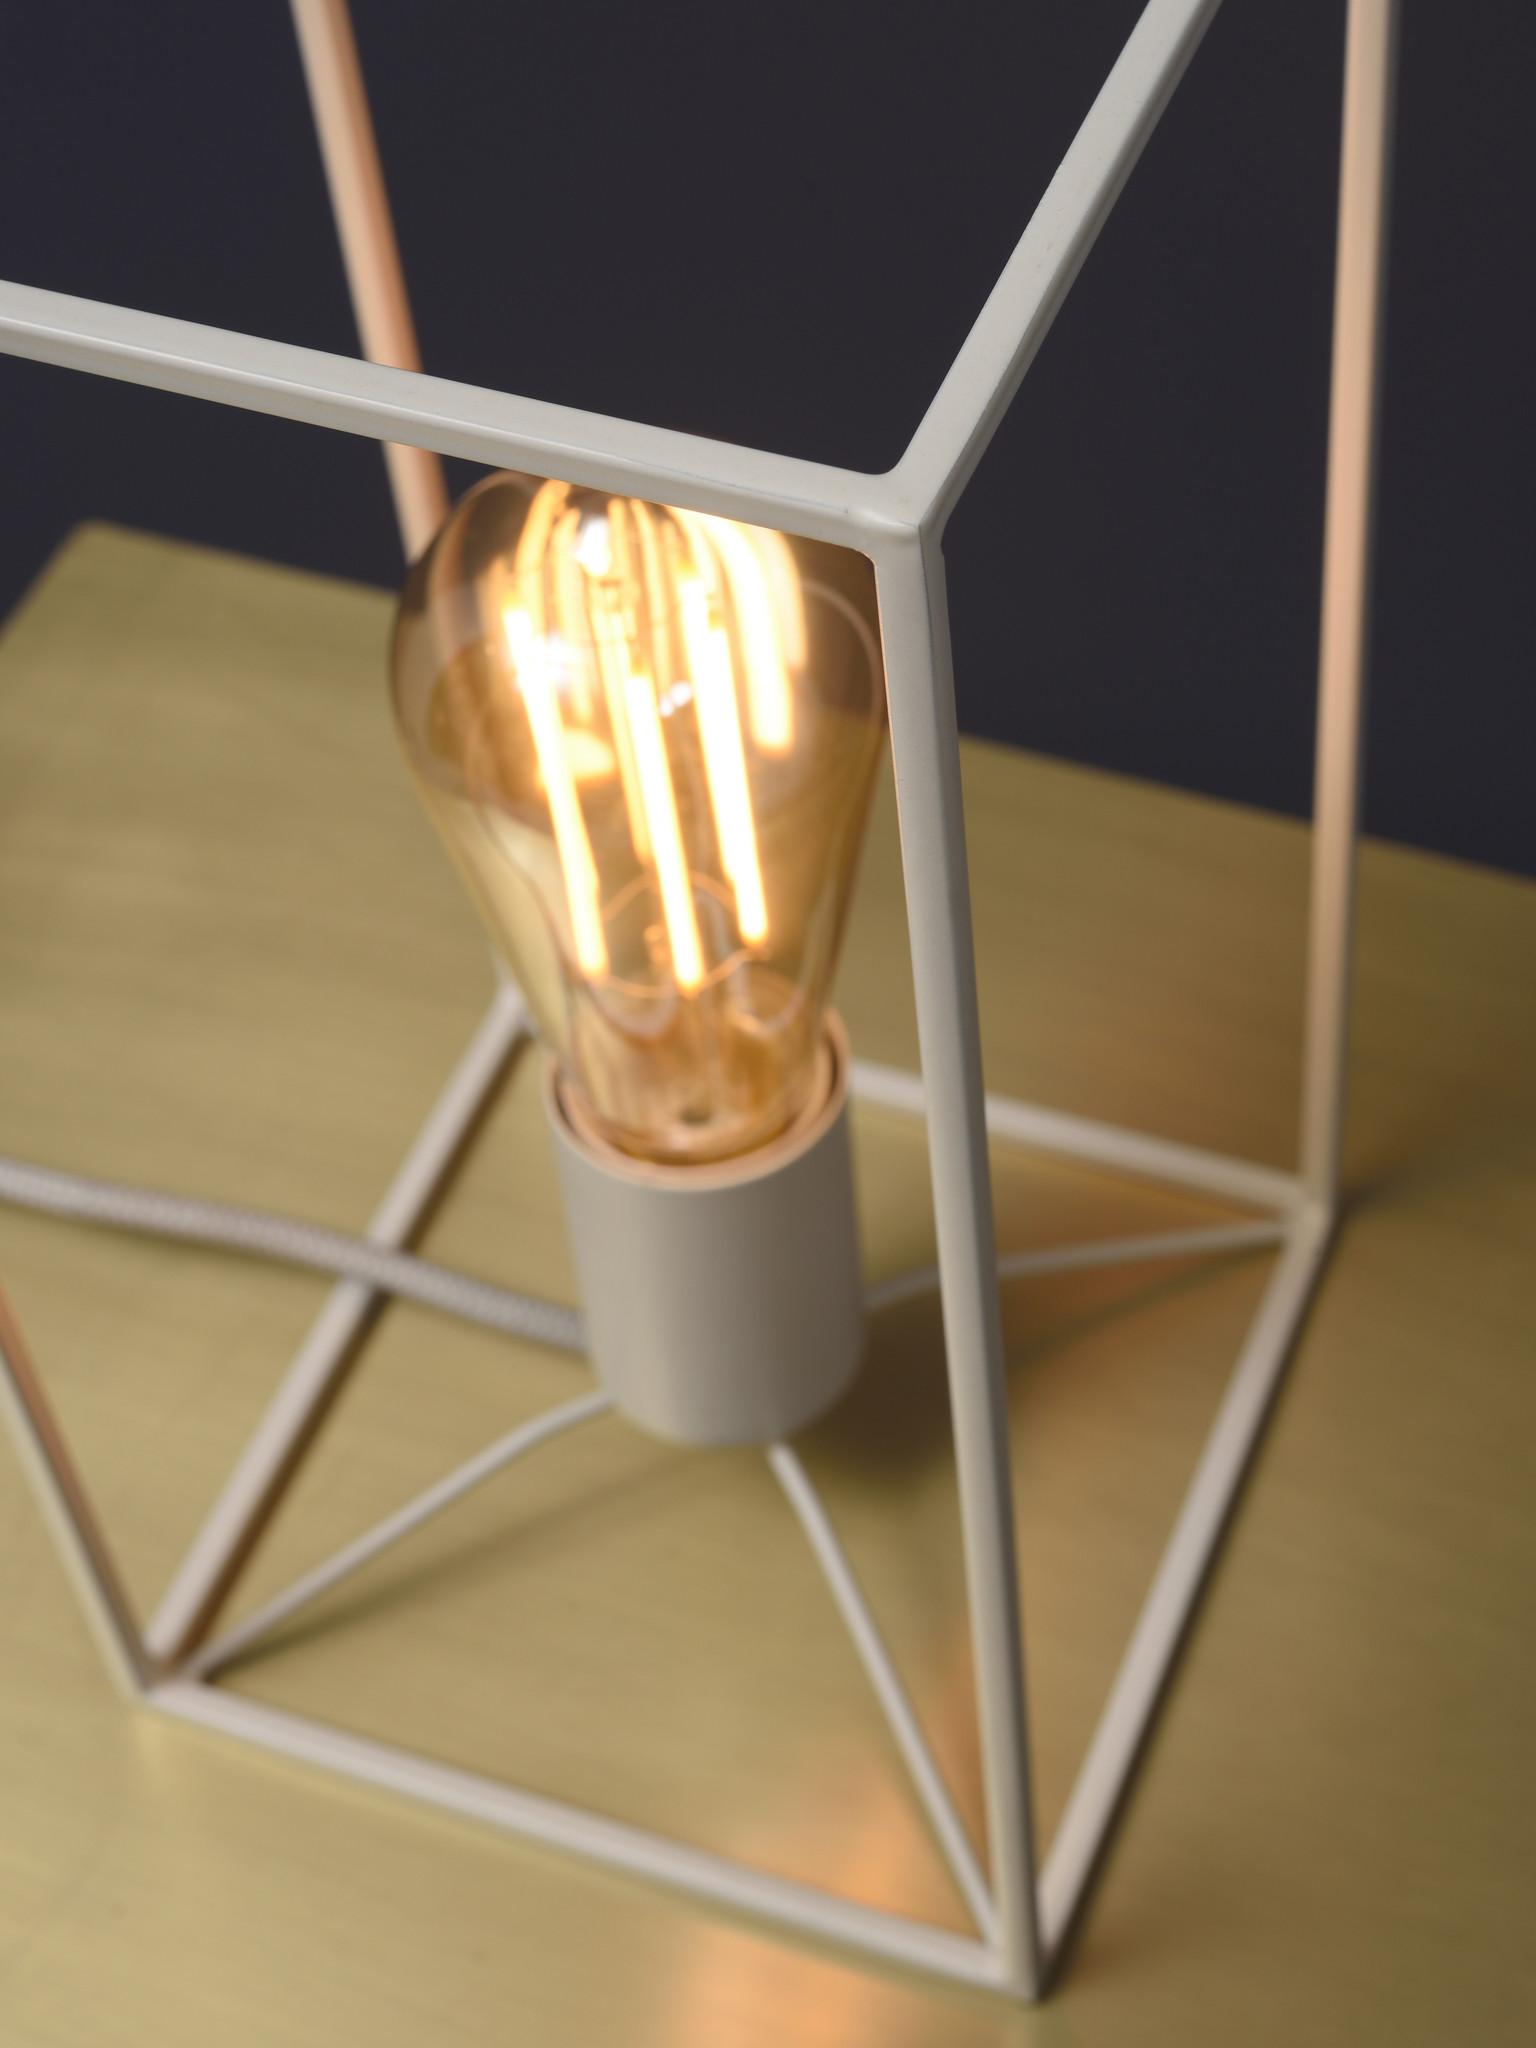 Tafellamp Antwerp rechthoek wit-3